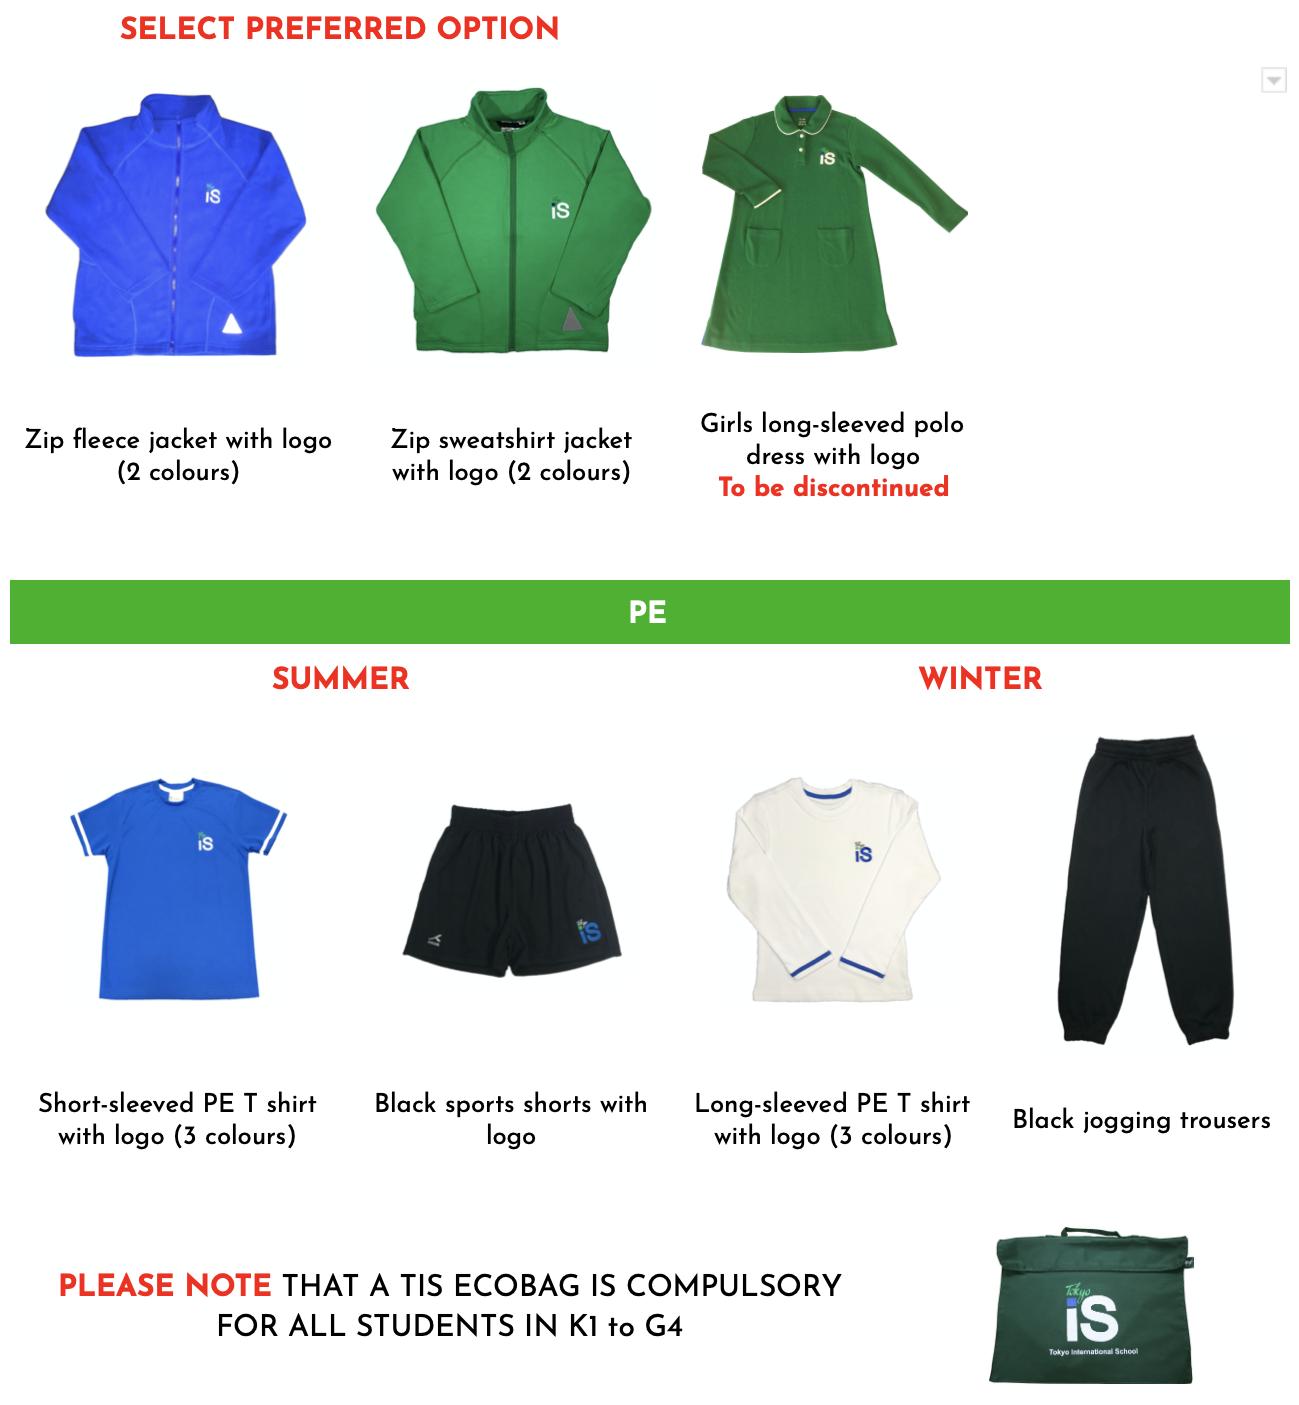 tis-uniform-guide-2020-5.png